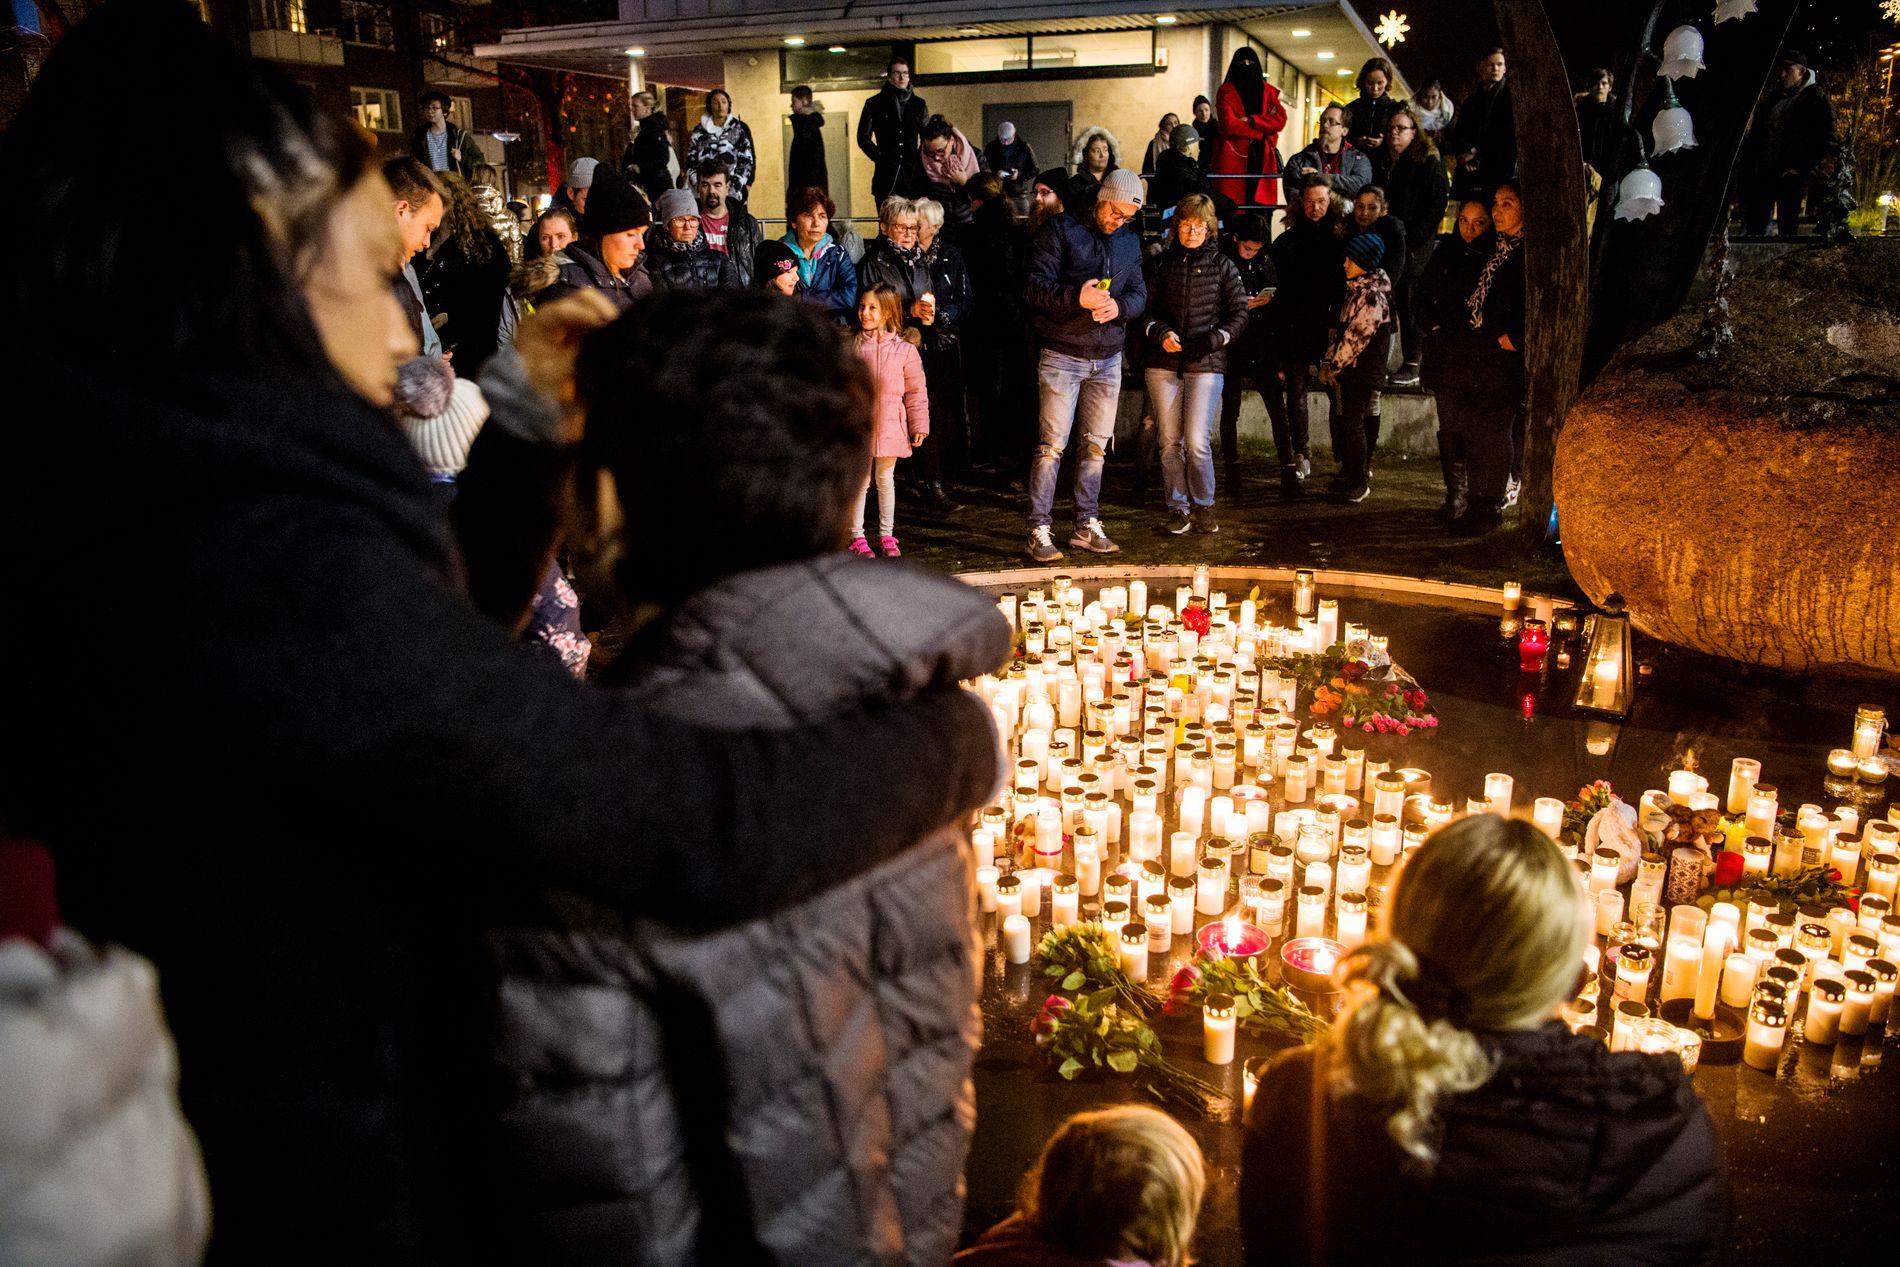 SAMLET SEG: Innbyggerne i Falkenberg samlet seg torsdag etter politiet gikk ut med at de hadde funnet en død person som «med all sannsynlighet» var tolv år gamle Dante.